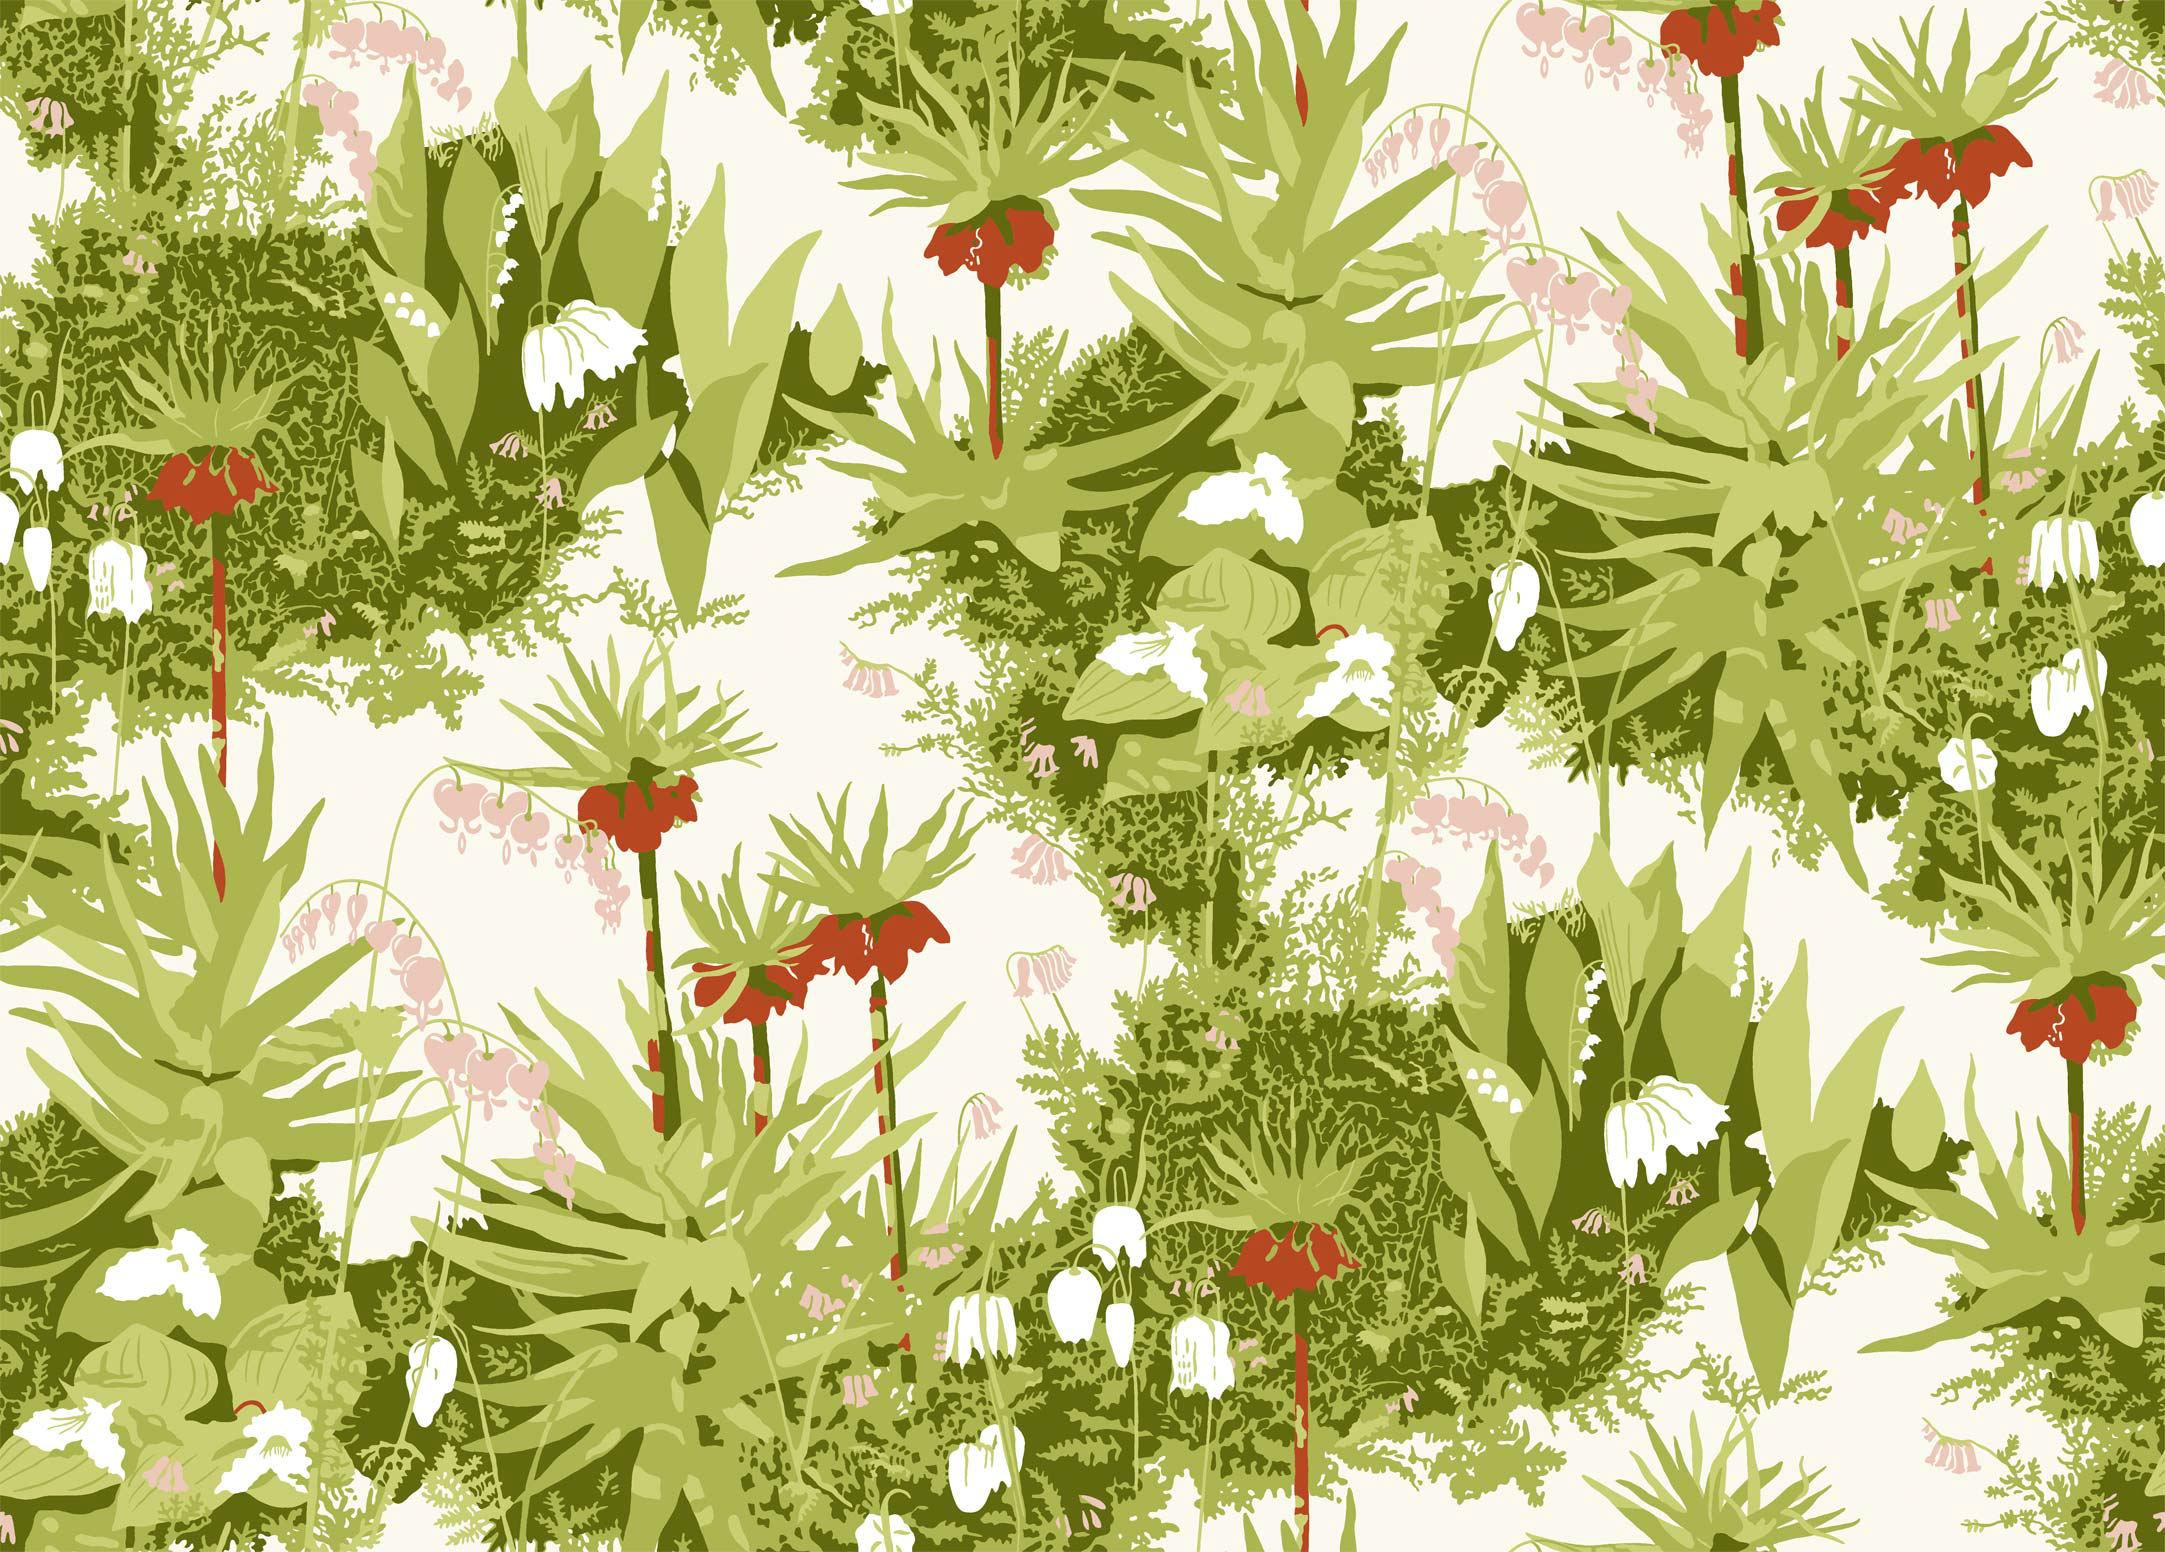 Tienda online telas papel papel pintado paisaje pehrson blanco - Papel pintado paisajes ...